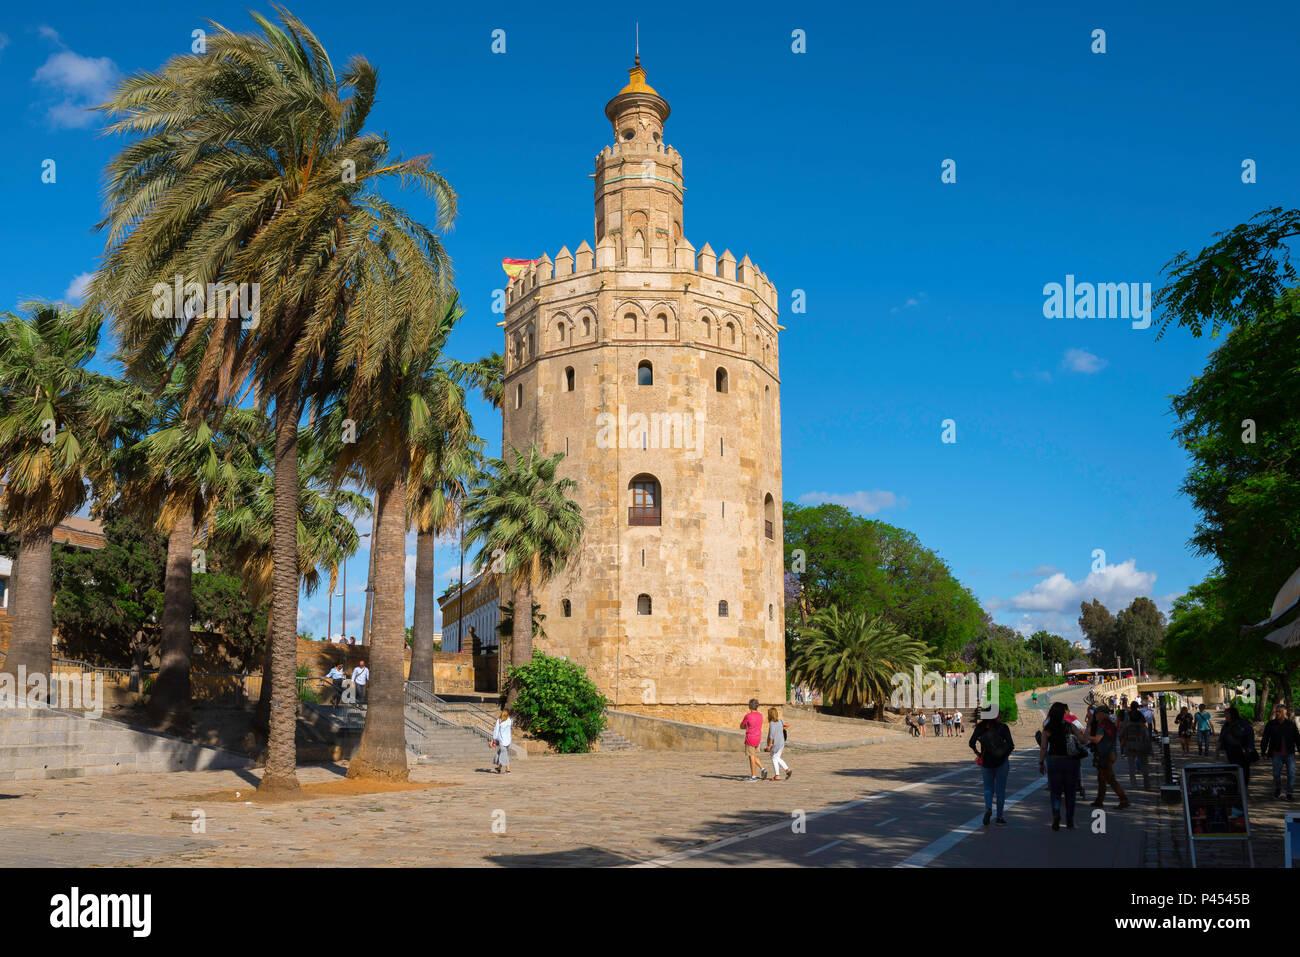 Torre del Oro Sevilla, vista de los Moriscos Torre del Oro) en la ciudad vieja de Sevilla, Andalucía, España. Imagen De Stock